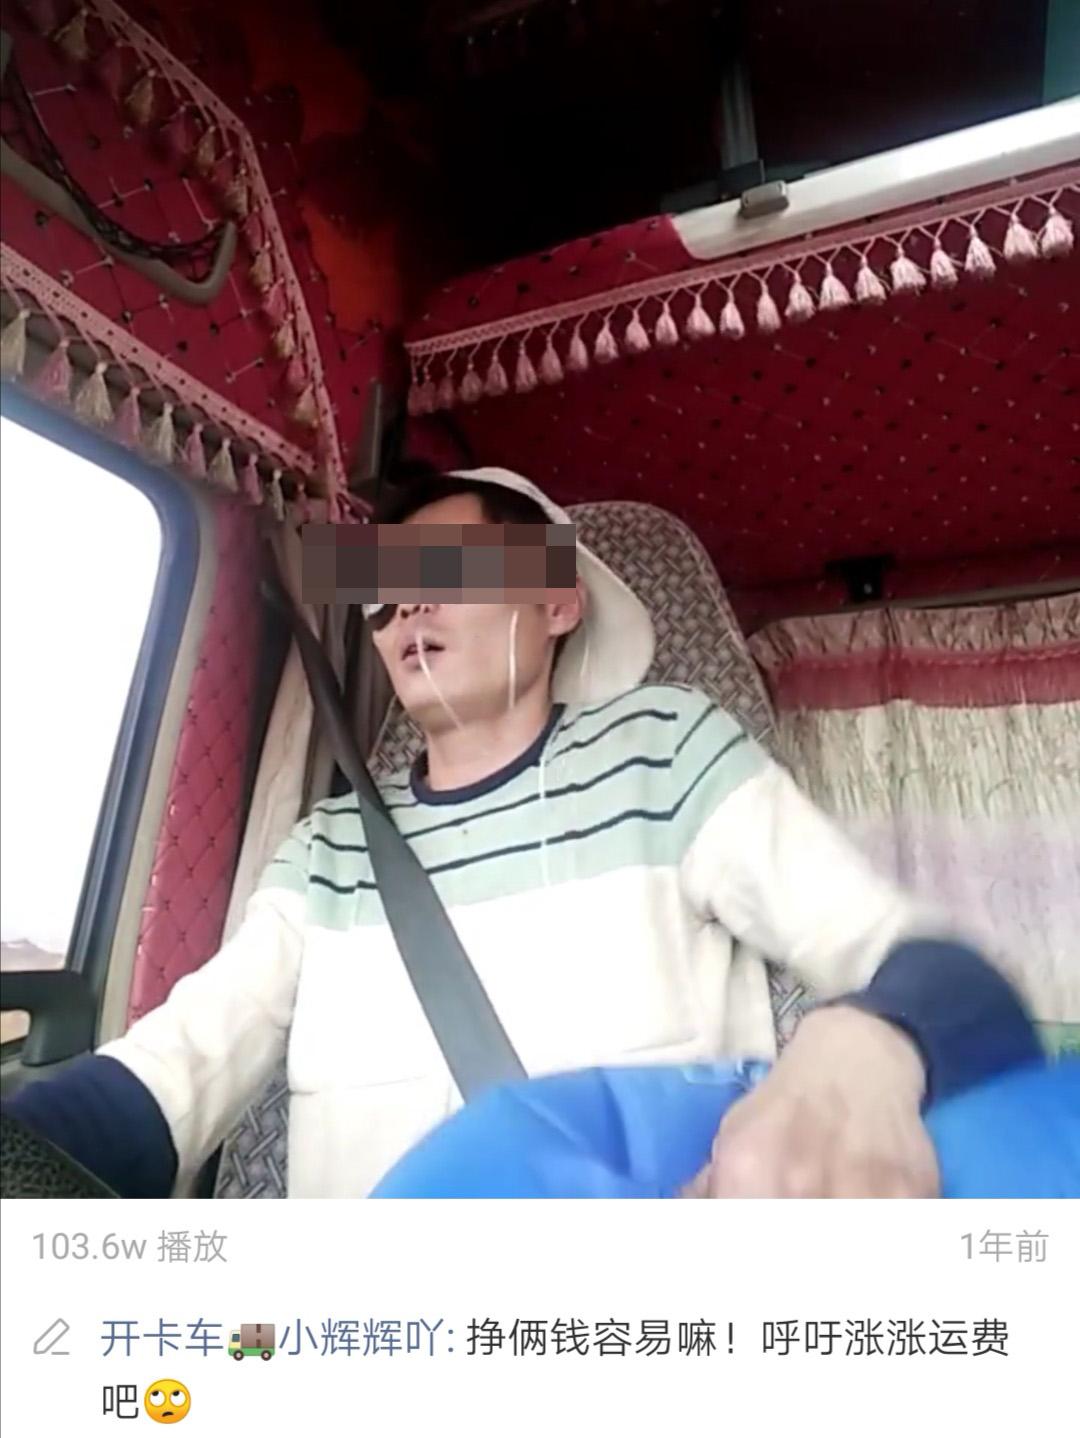 2017年4月,倪万辉在青藏线上边吸氧边开车,感叹挣钱不易。